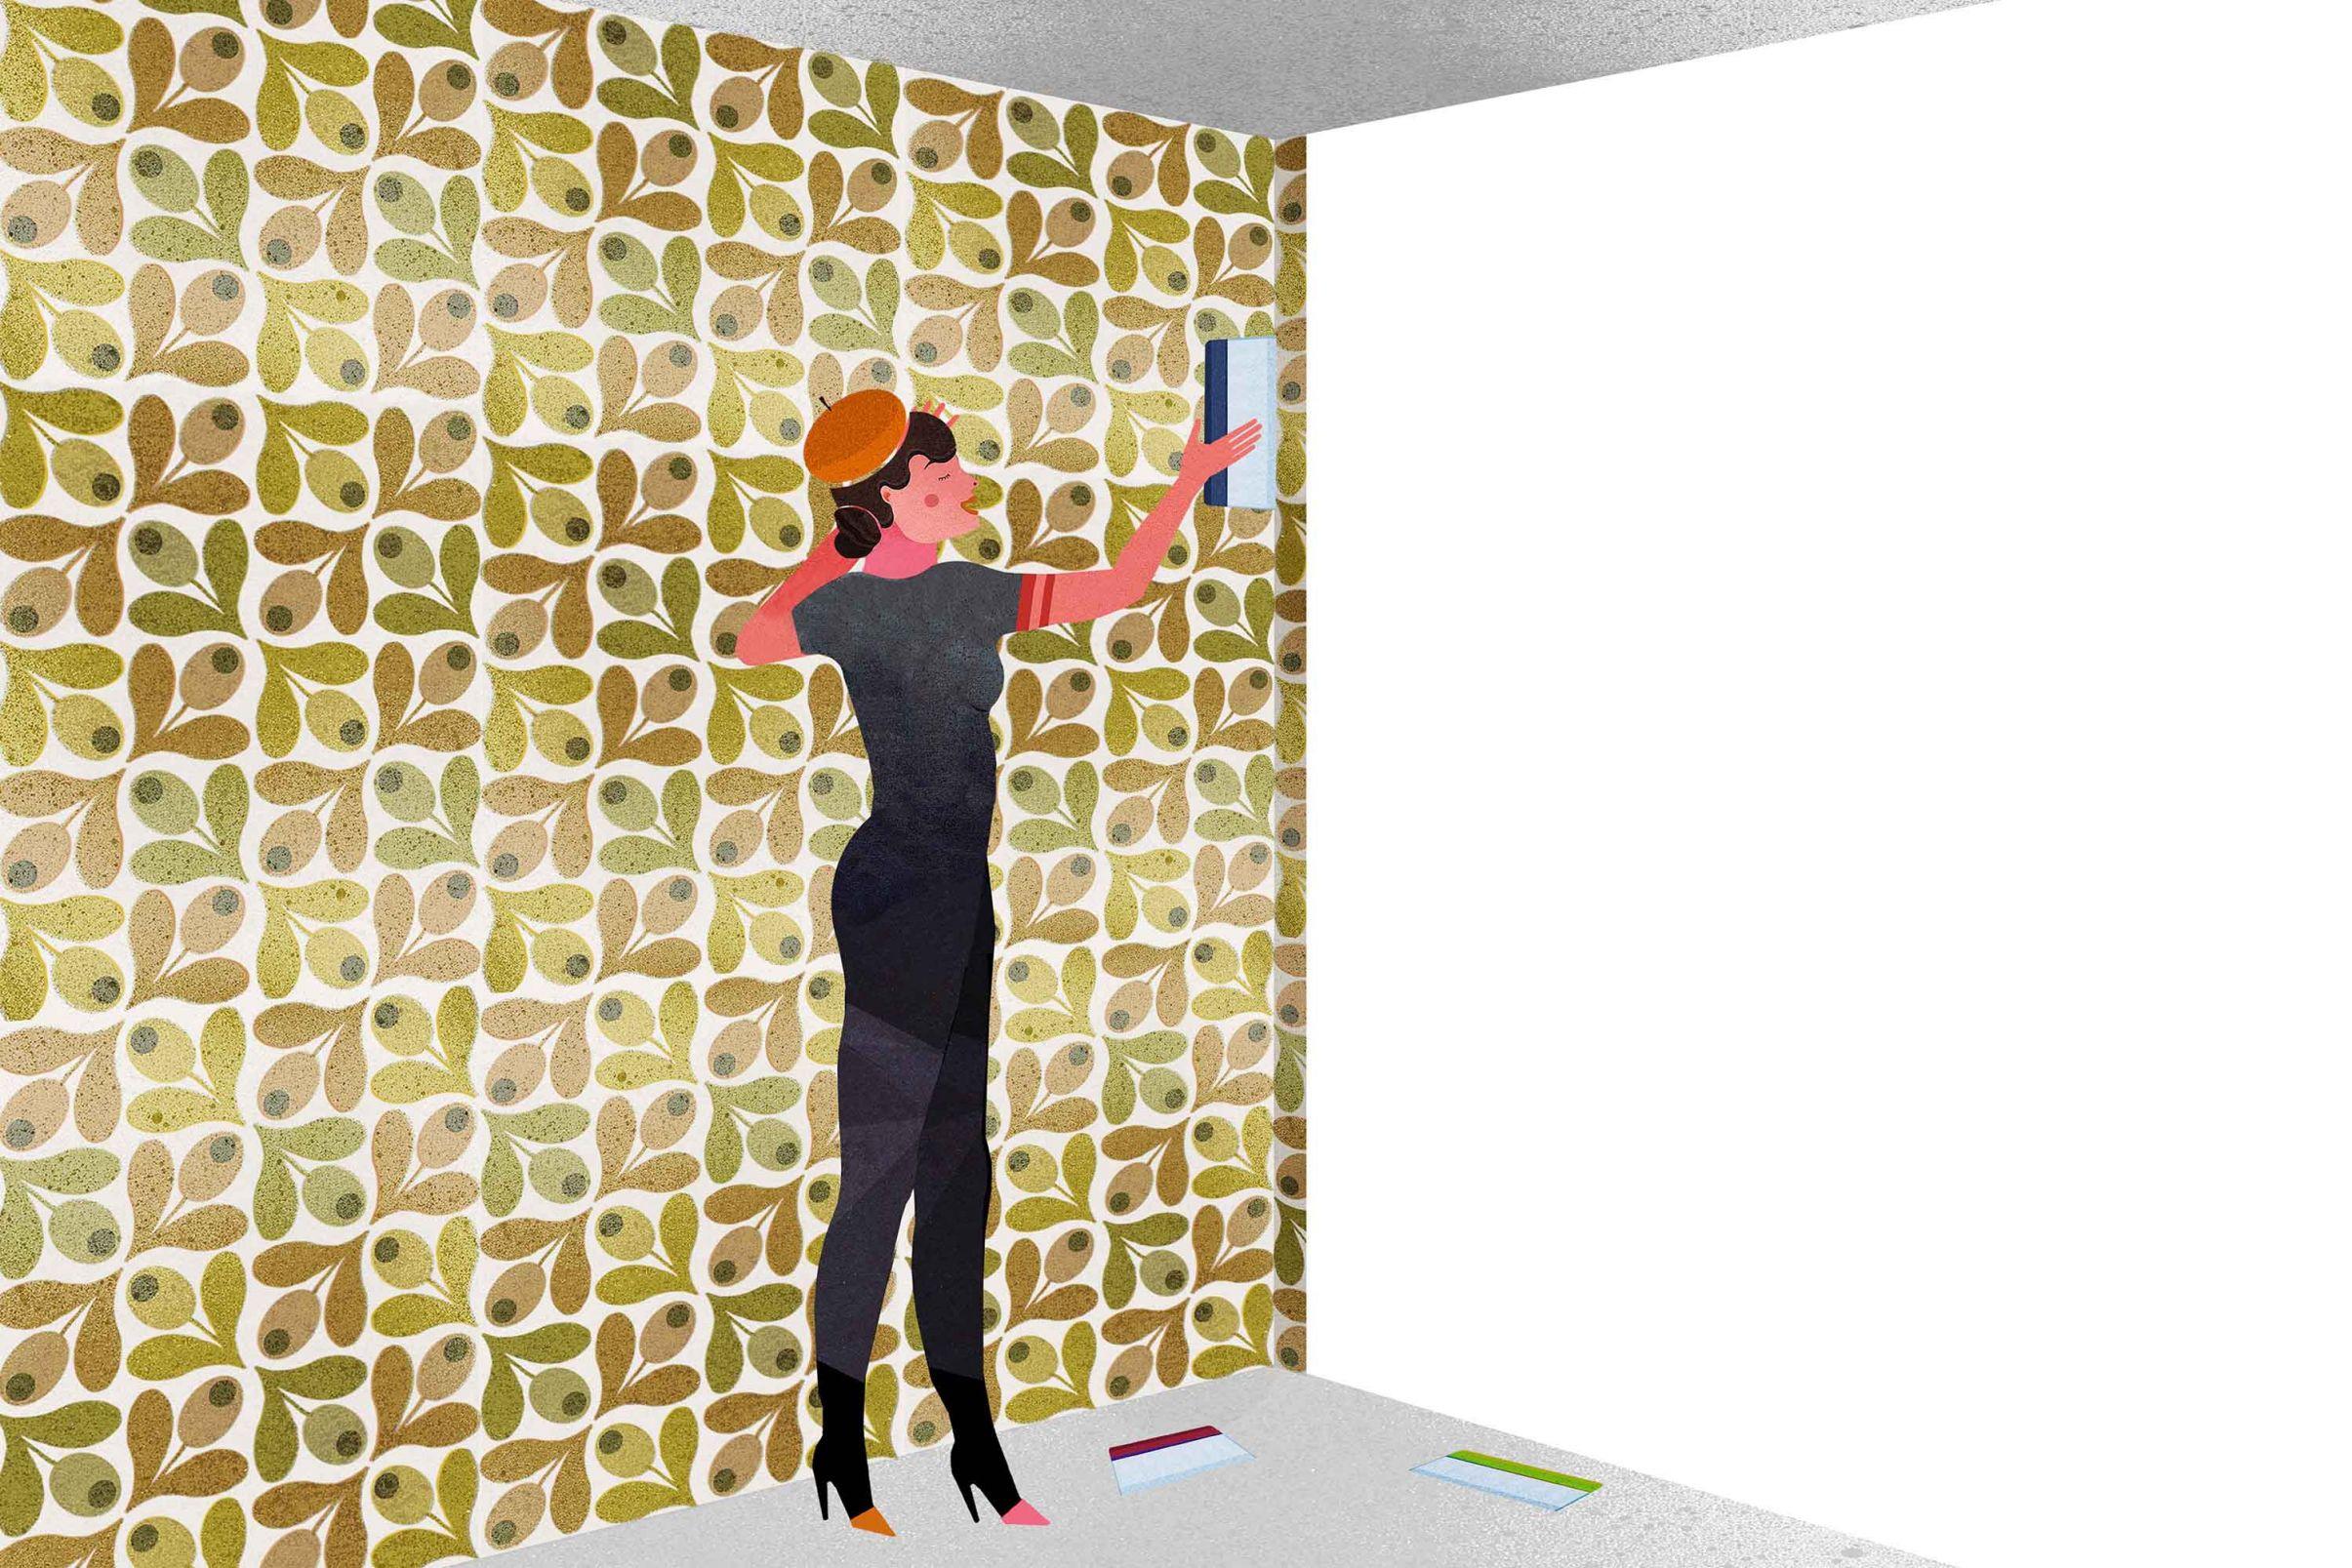 Comment-tapisser-dans-les-coins-Poser-un-le-de-papier-peint-sur-un-coin-interieur